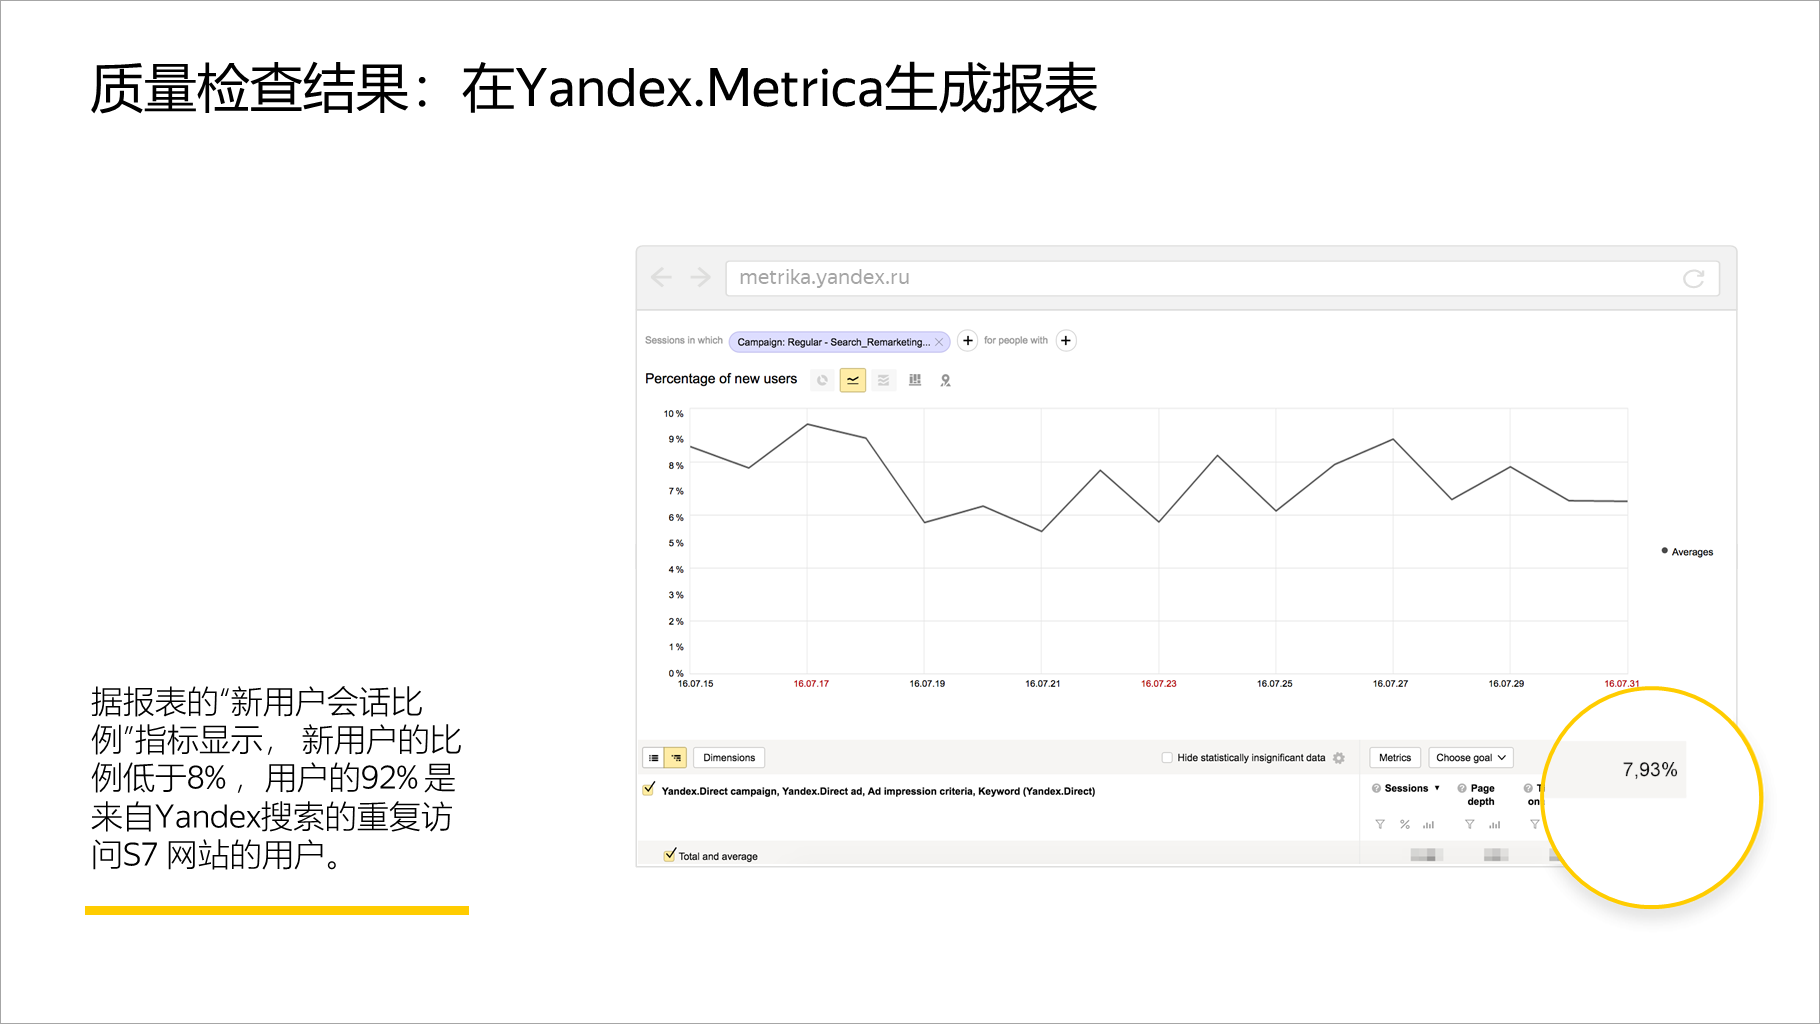 质量检查结果:在Yandex.Metrica生成报表